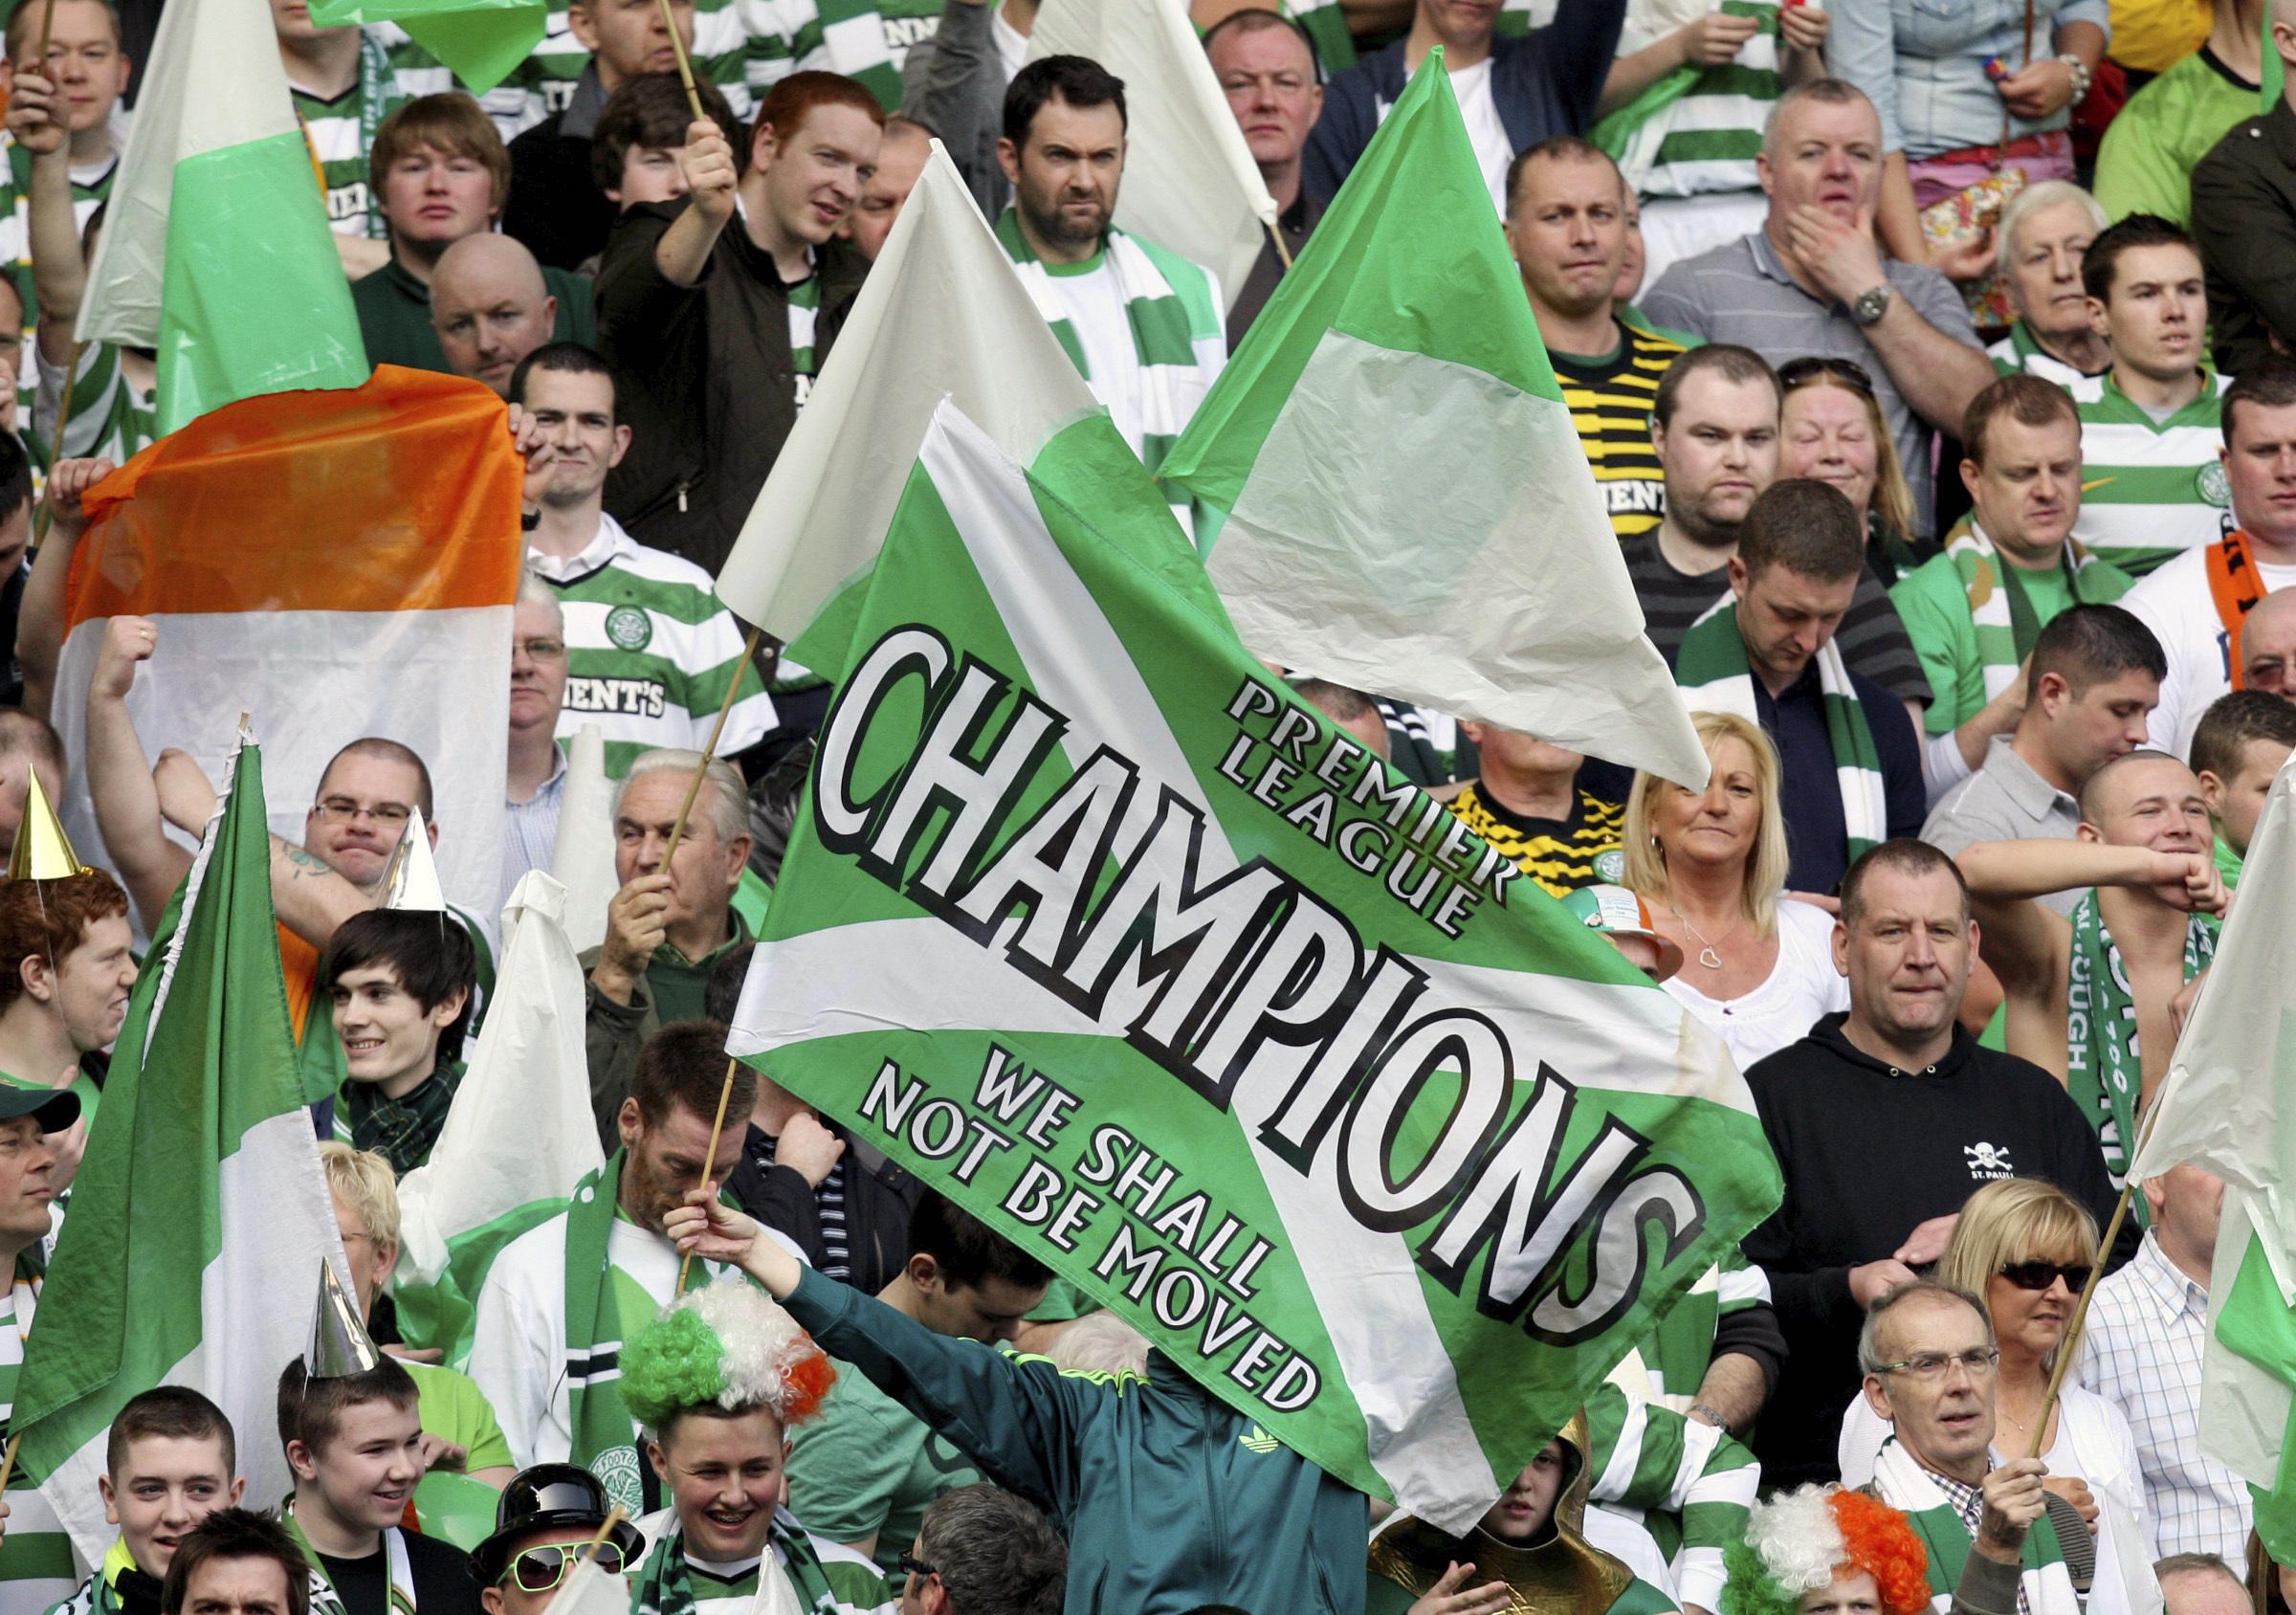 Celtic champion again after Scottish league cut short